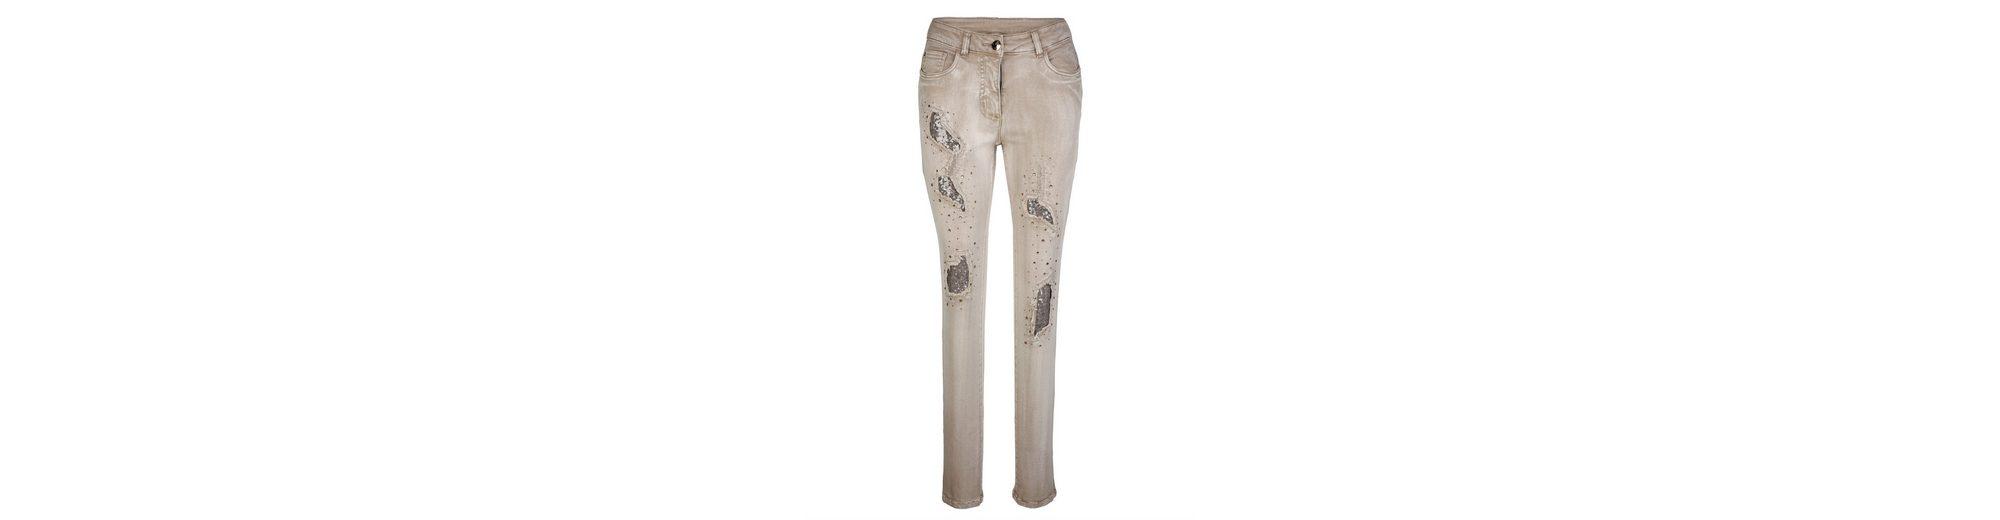 Laura Kent Jeans Laura Slim mit Steinchen- und Pailletten Günstig Kaufen Top-Qualität 0UjrPBh